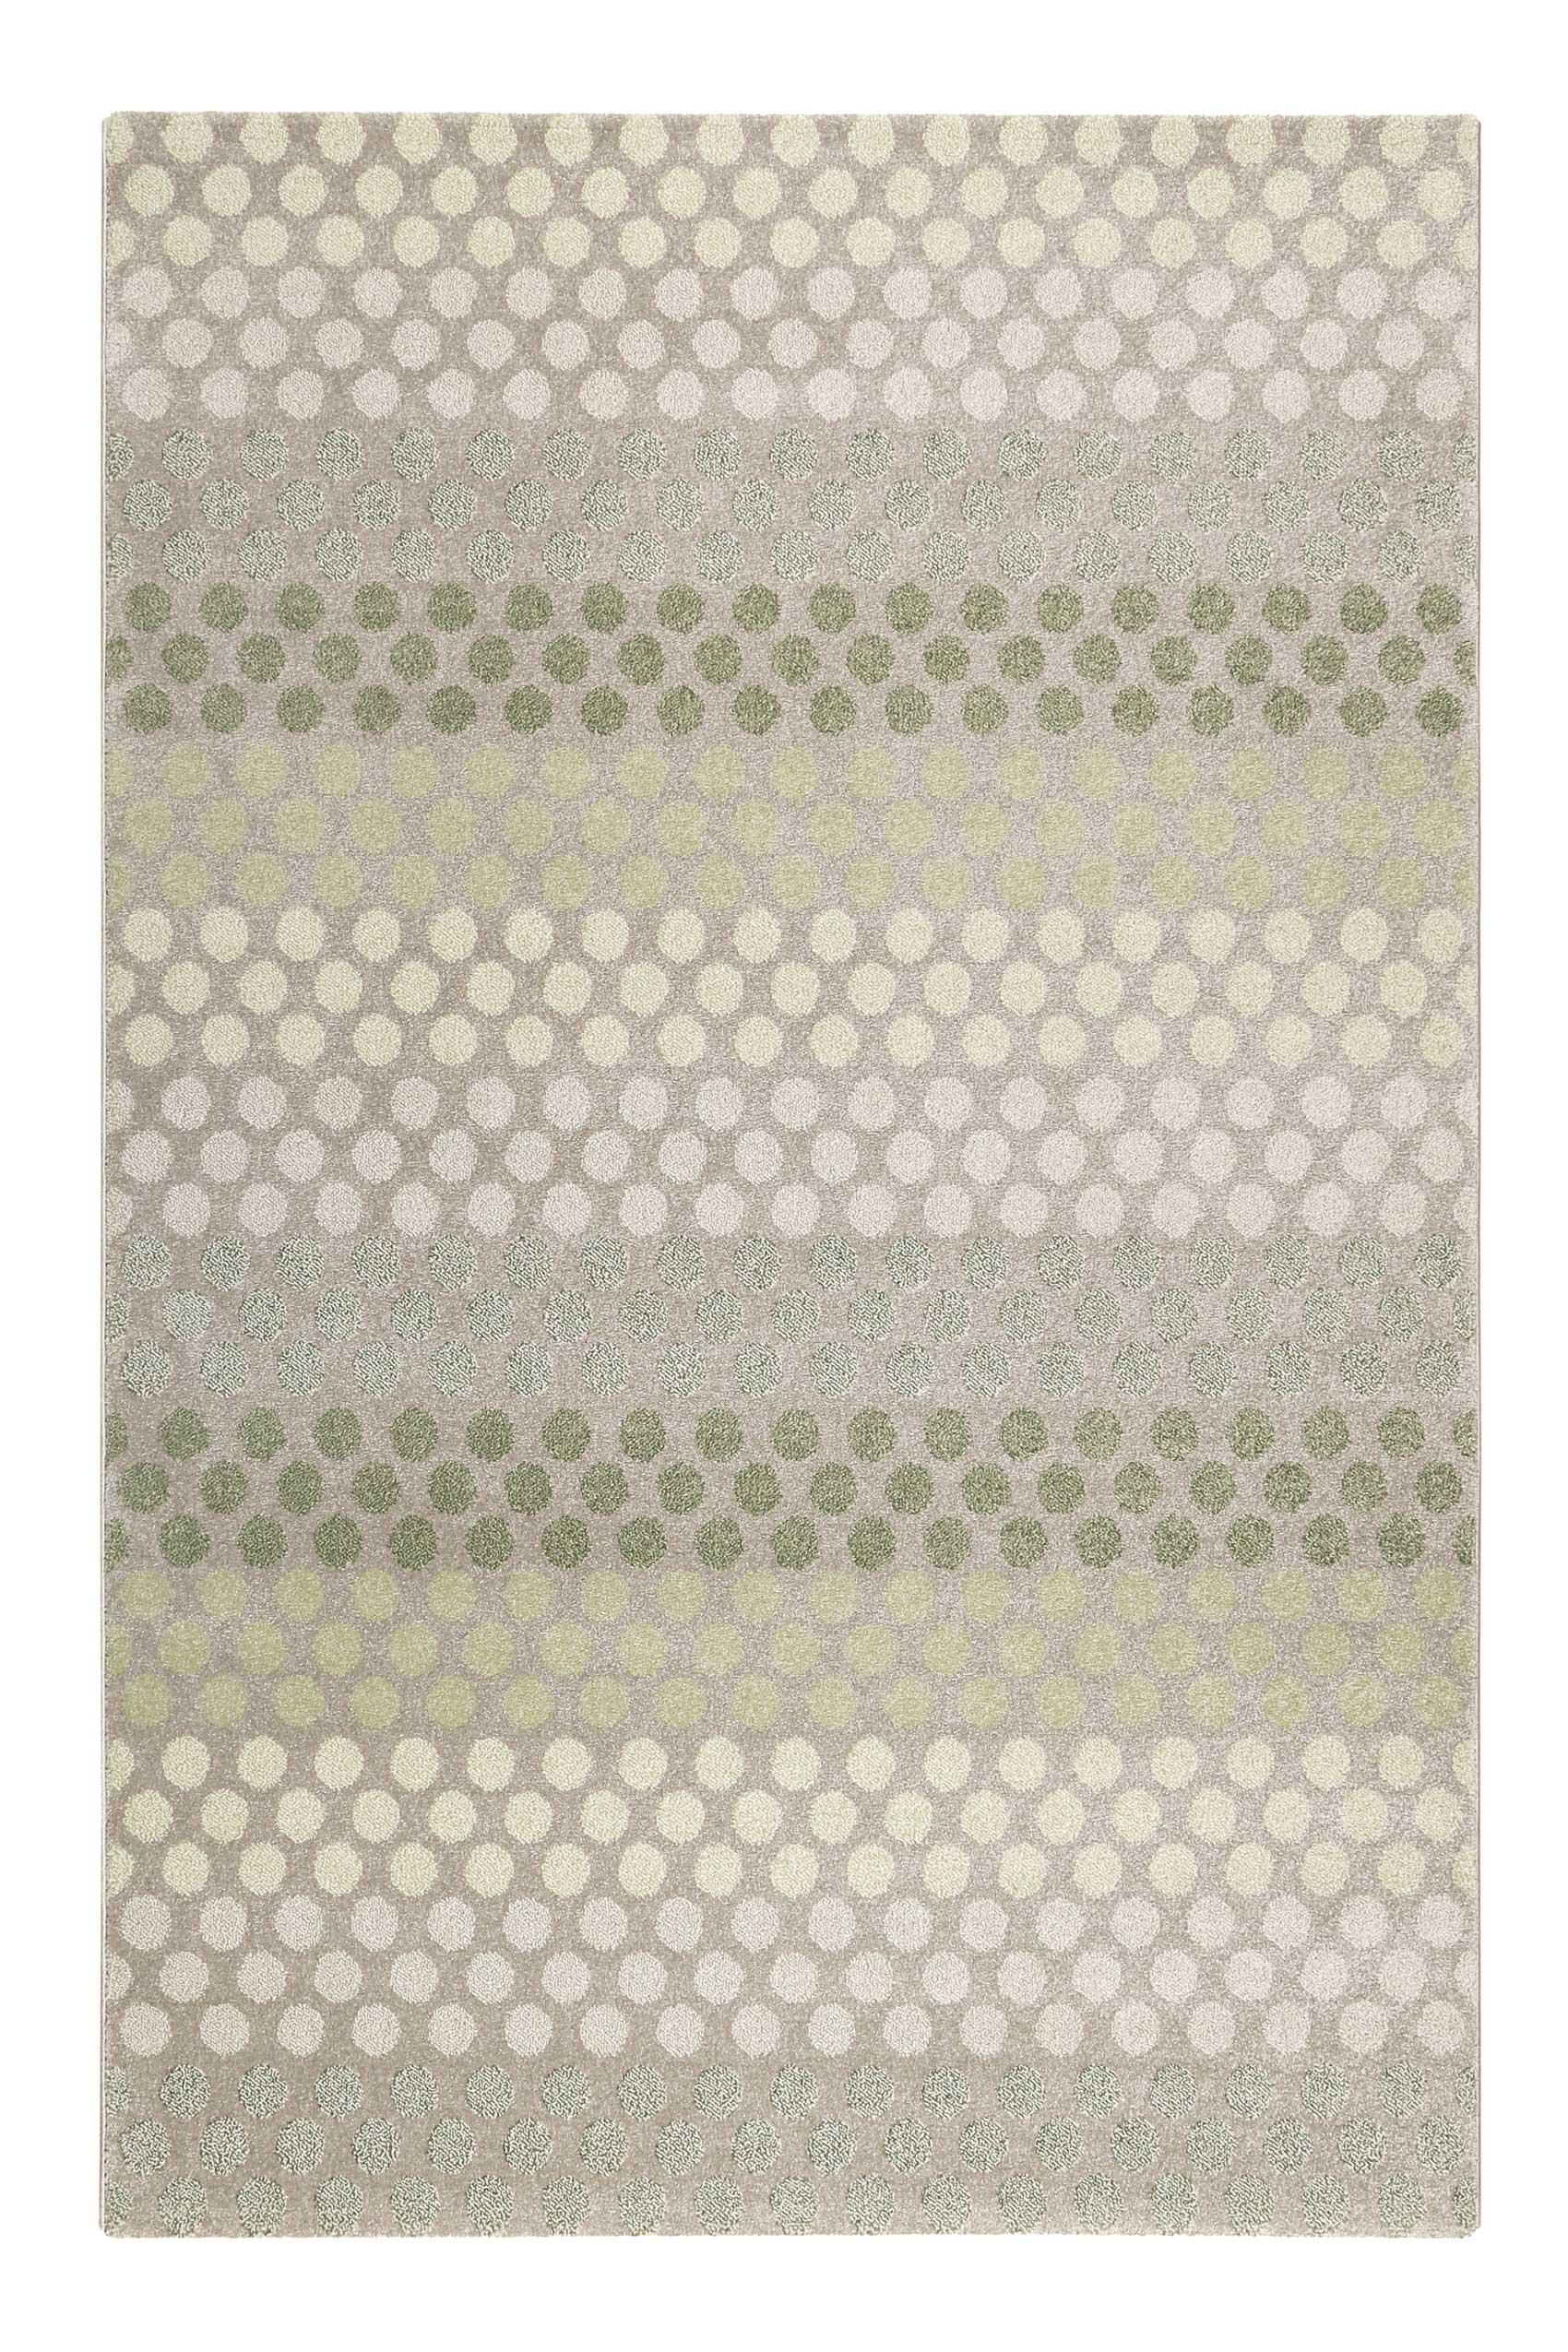 Tapis motif pois à poils courts vert/gris pour salon, chambre 225x160